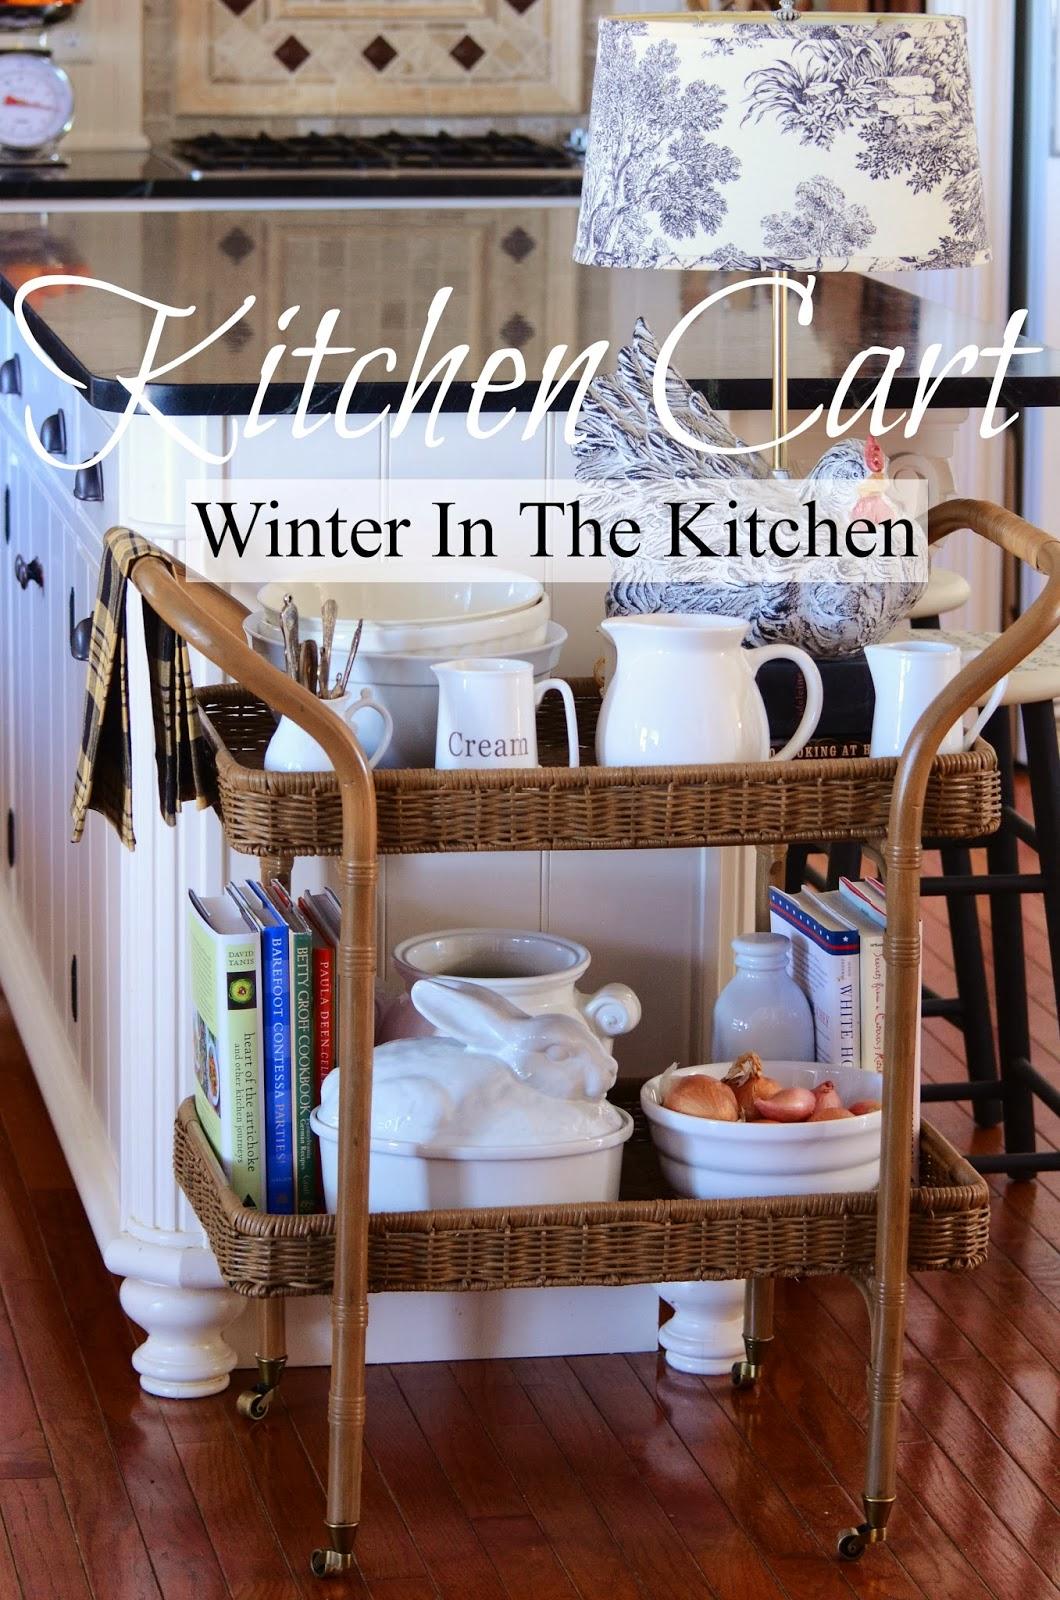 Kitchen cart winter in the kitchen interior design for Interior design kitchen trolley